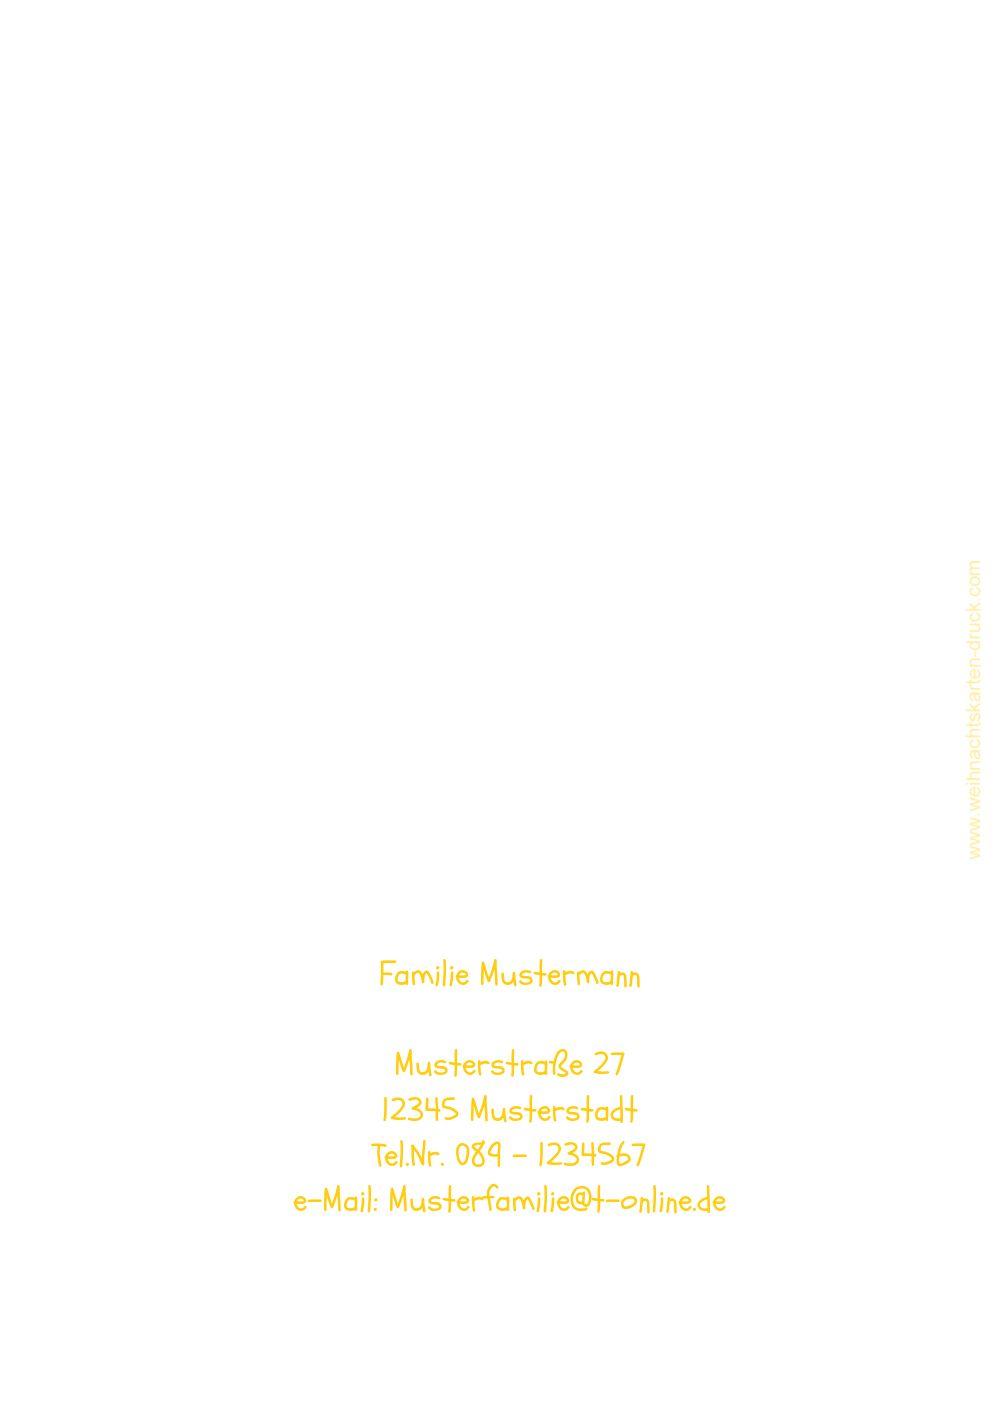 Ansicht 2 - Einladung Bäumchenbild